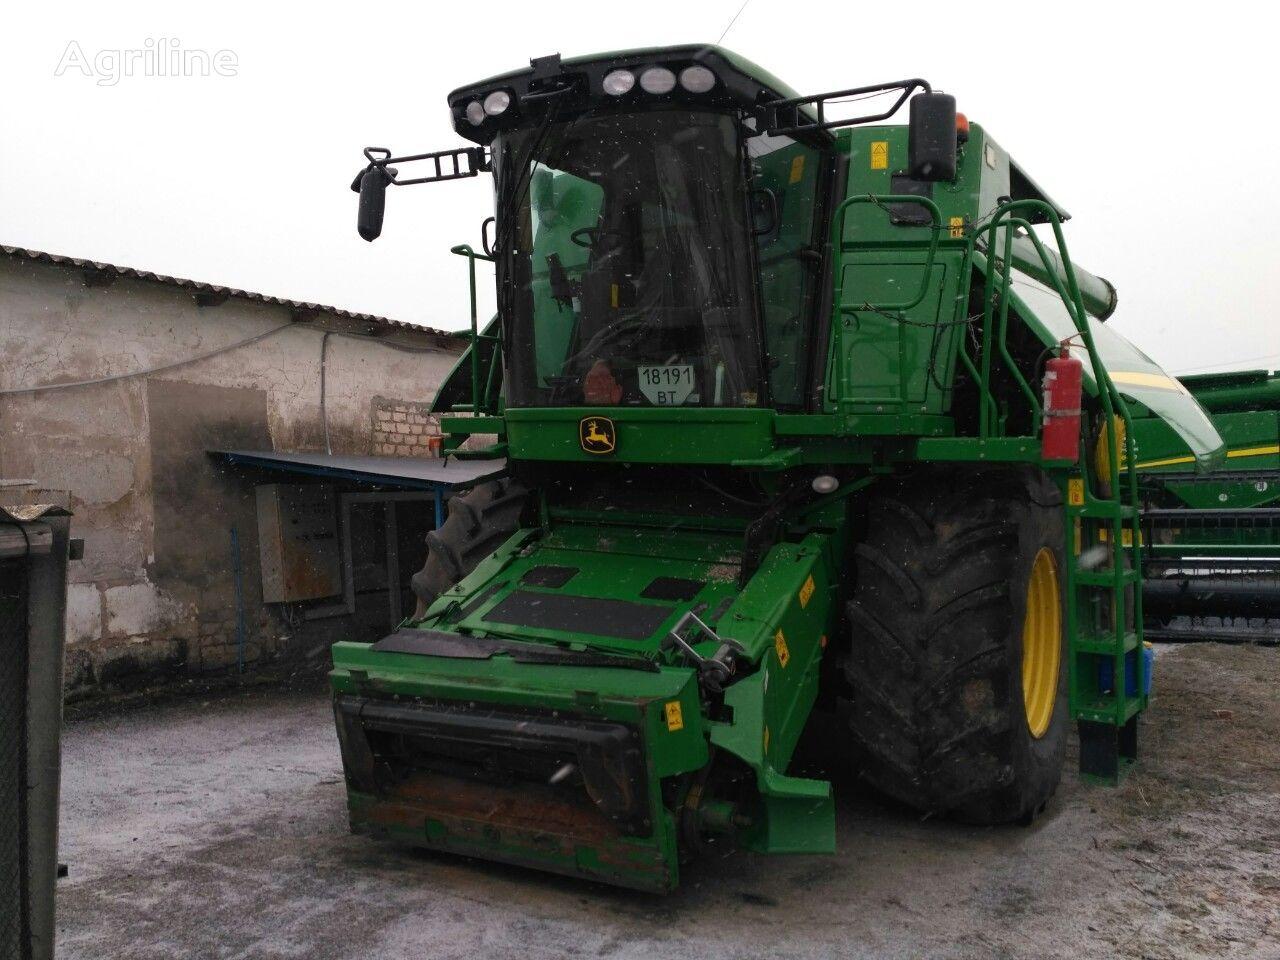 JOHN DEERE S 690 i Hilmaster, V NALIChII, s NDS grain harvester